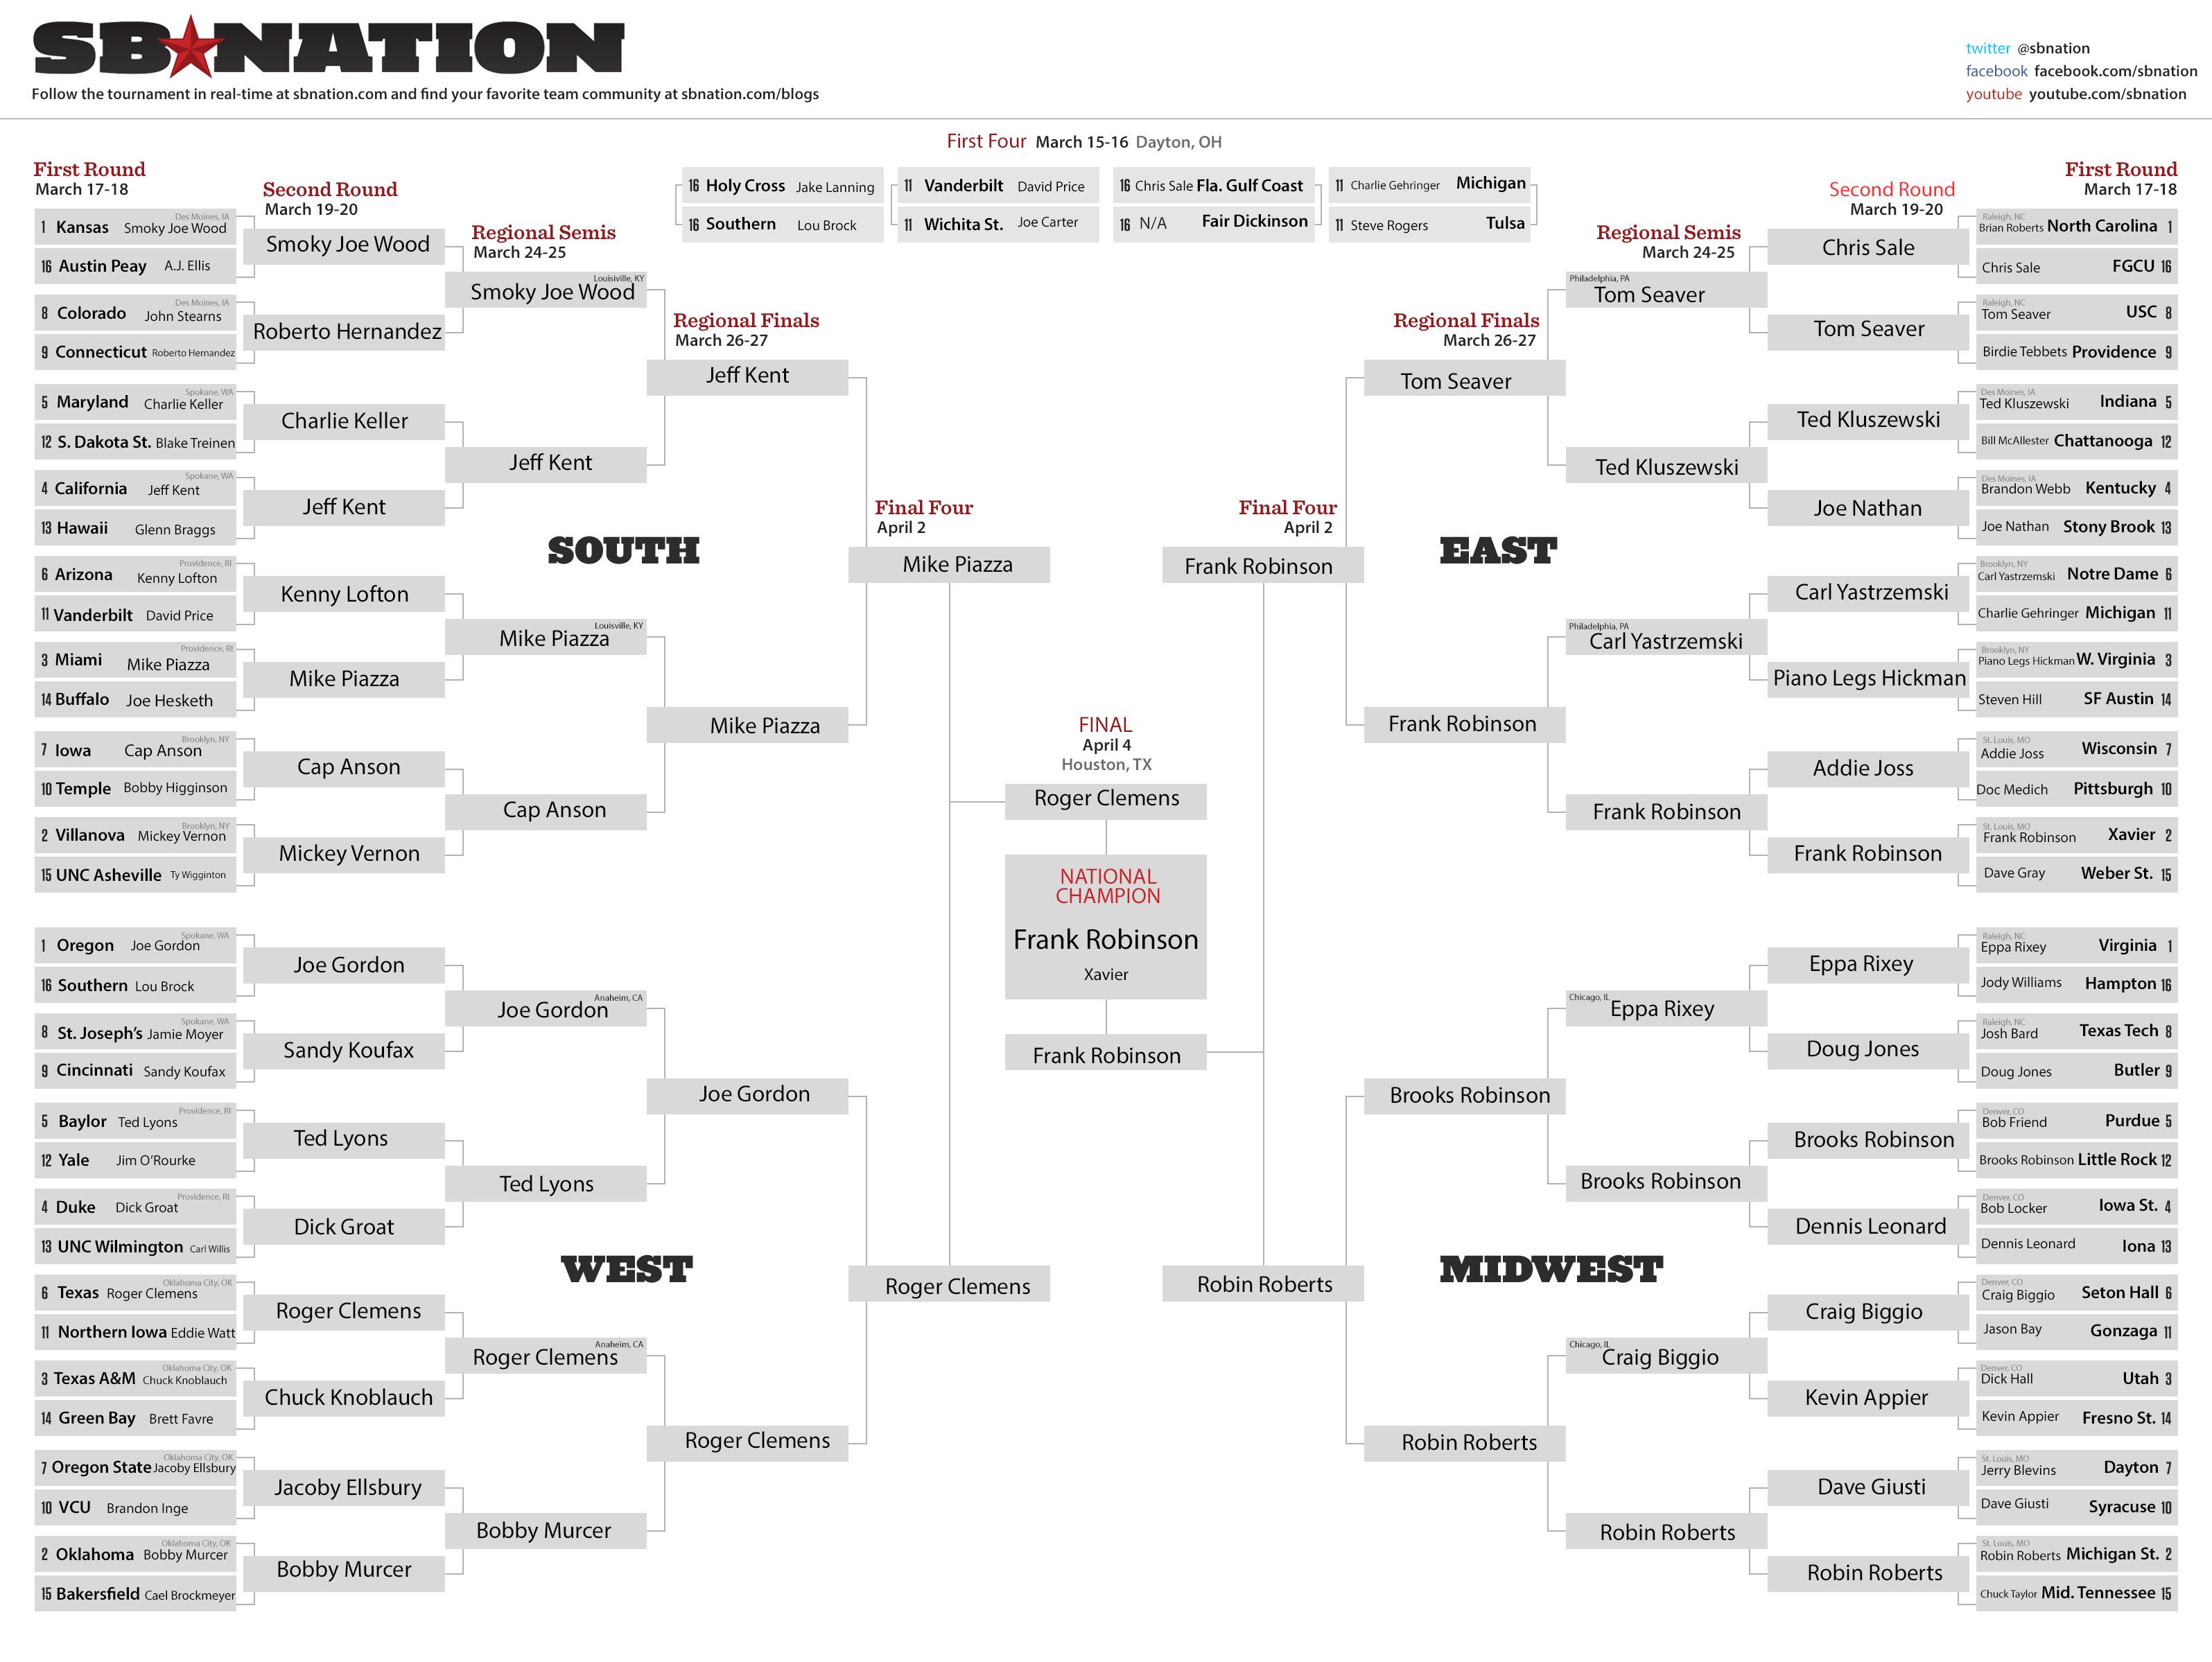 a874d88a33e Use baseball to pick your 2016 NCAA tournament bracket - SBNation.com